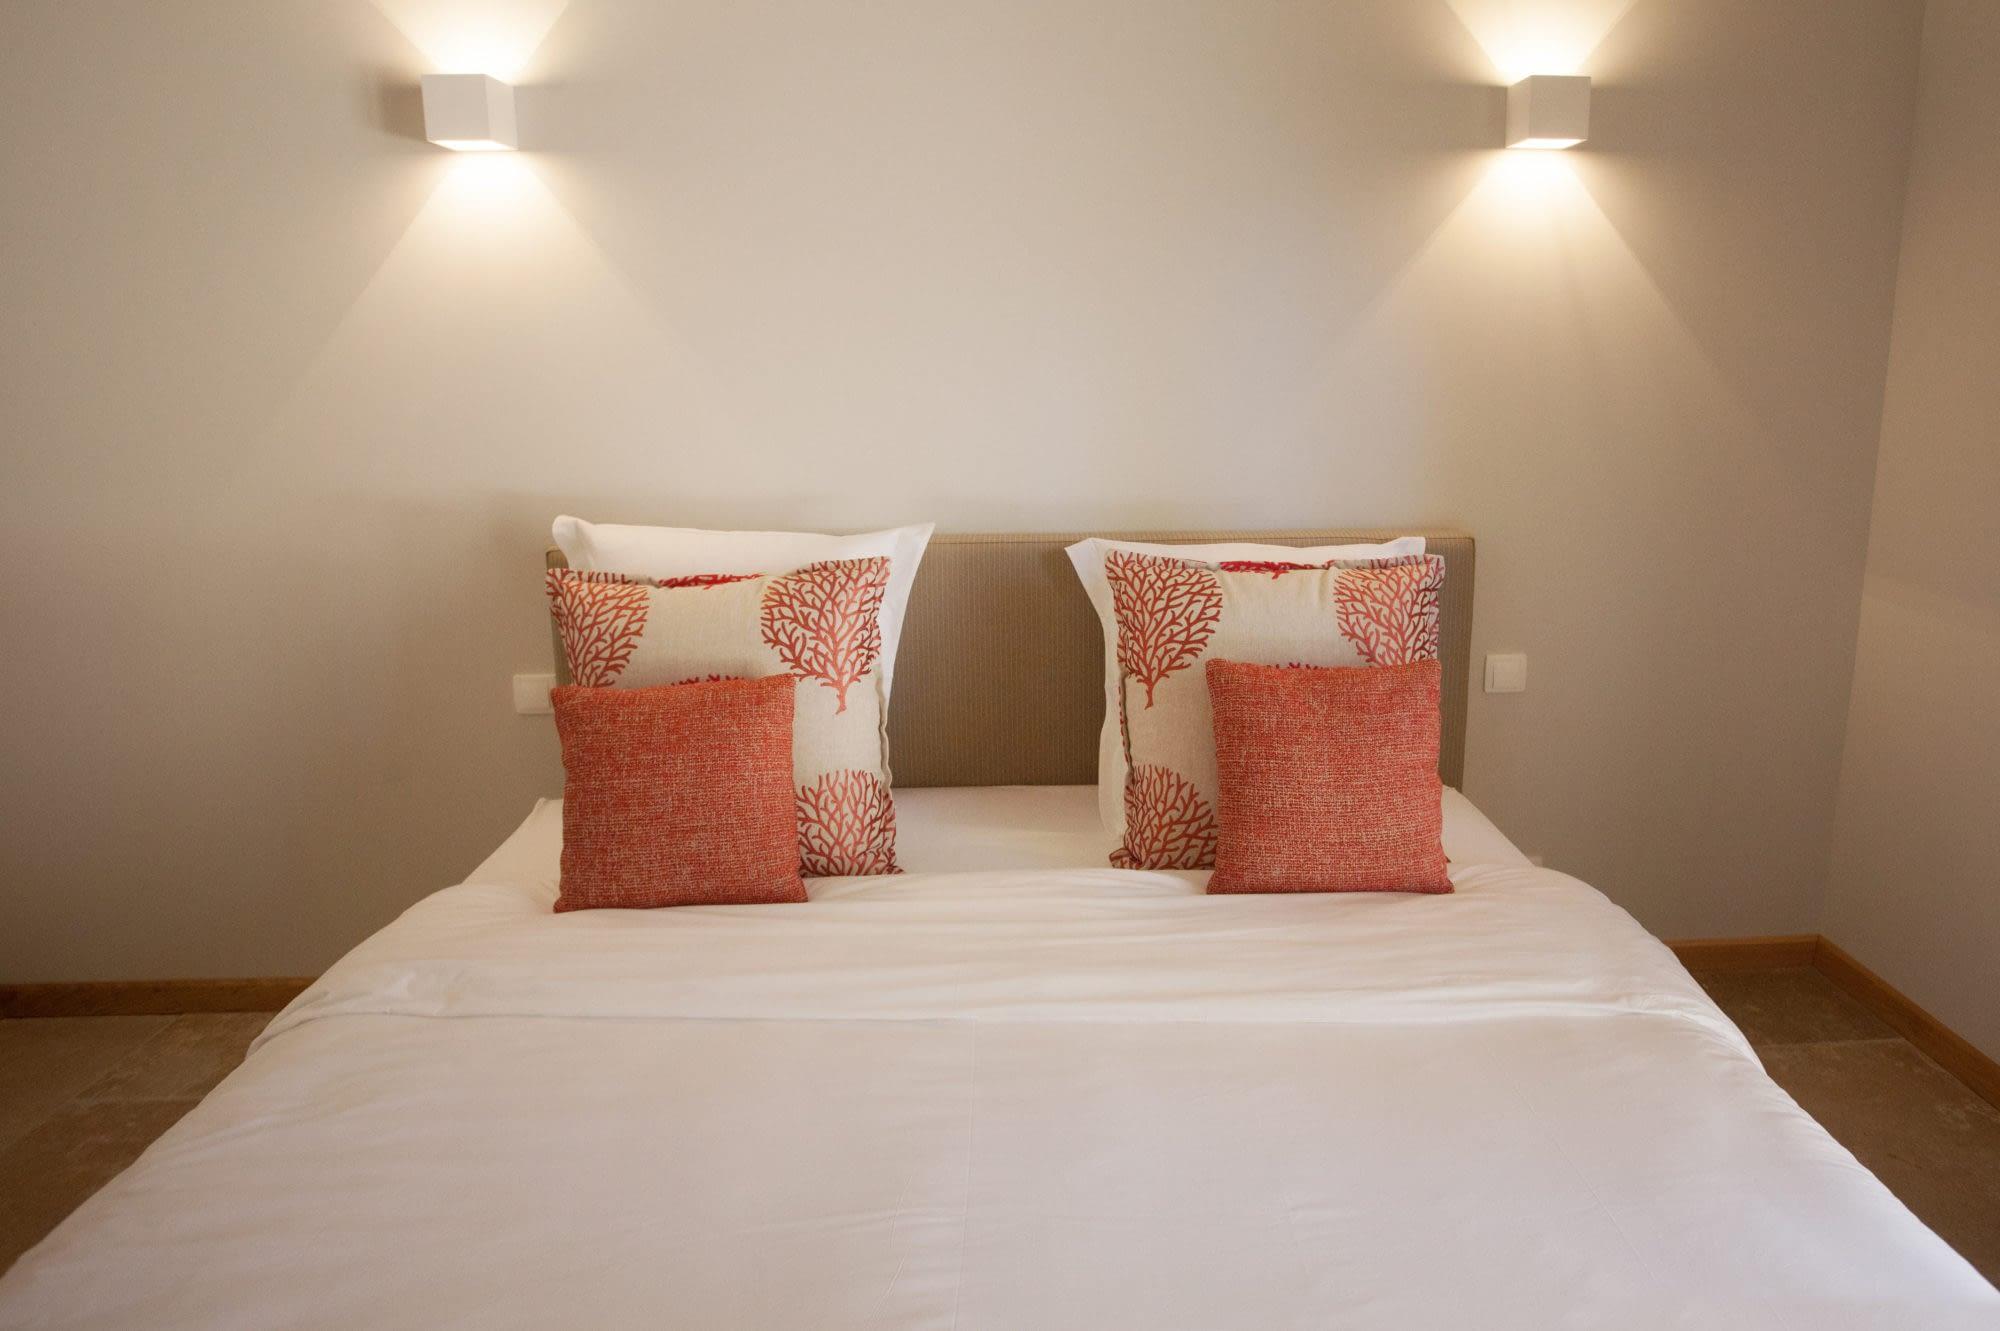 Front of the bed dans la chambre Le citronnier / Front of the bed in the house Le citronnier